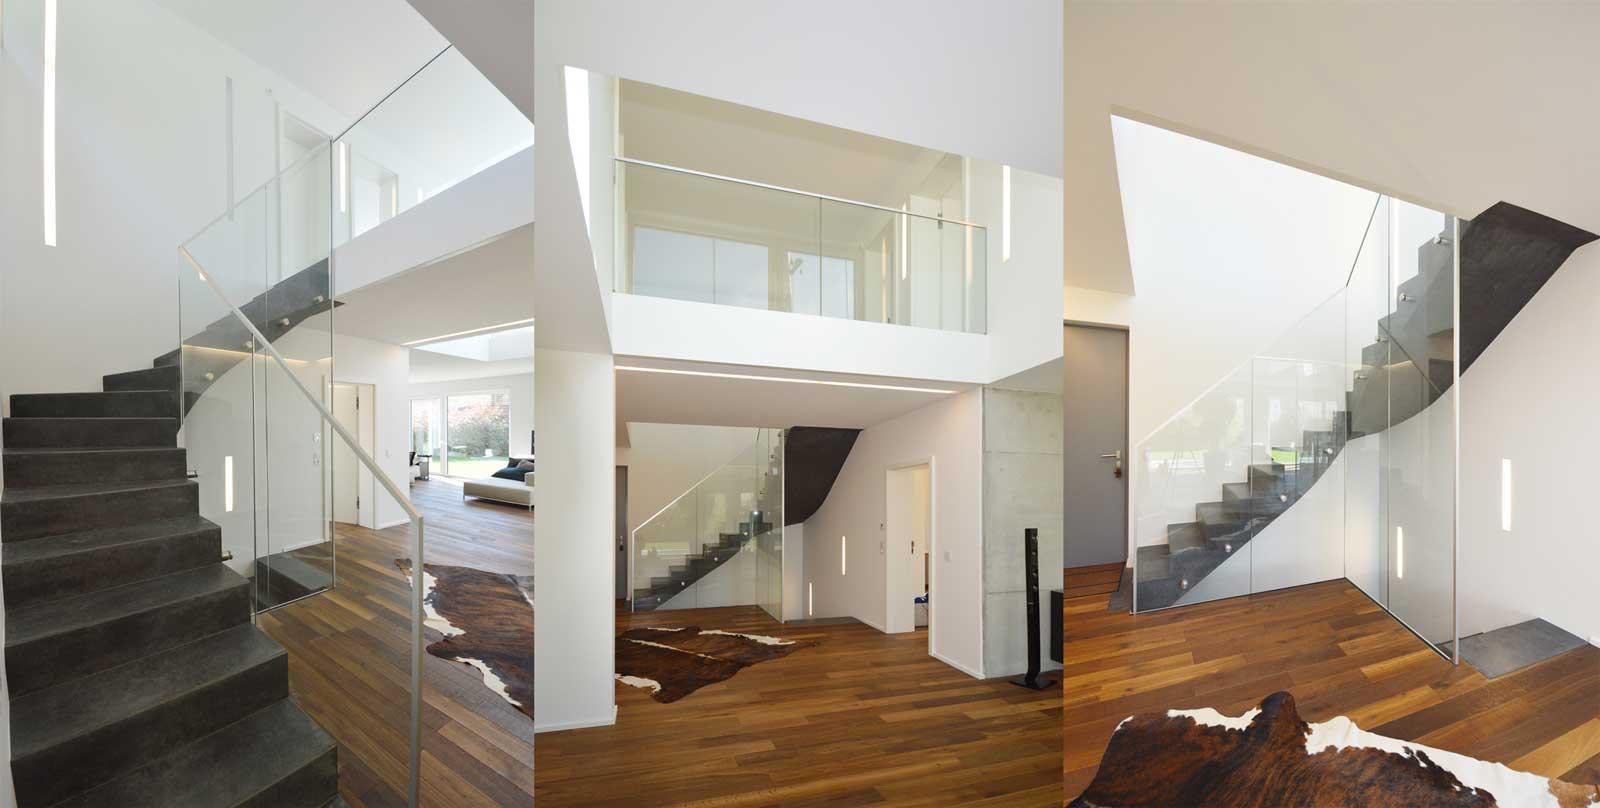 Einfamilienhaus neubau mit doppelgarage  Einfamilienhaus mit Doppelgarage, Auf Eggen - Architekturbüro Herzog